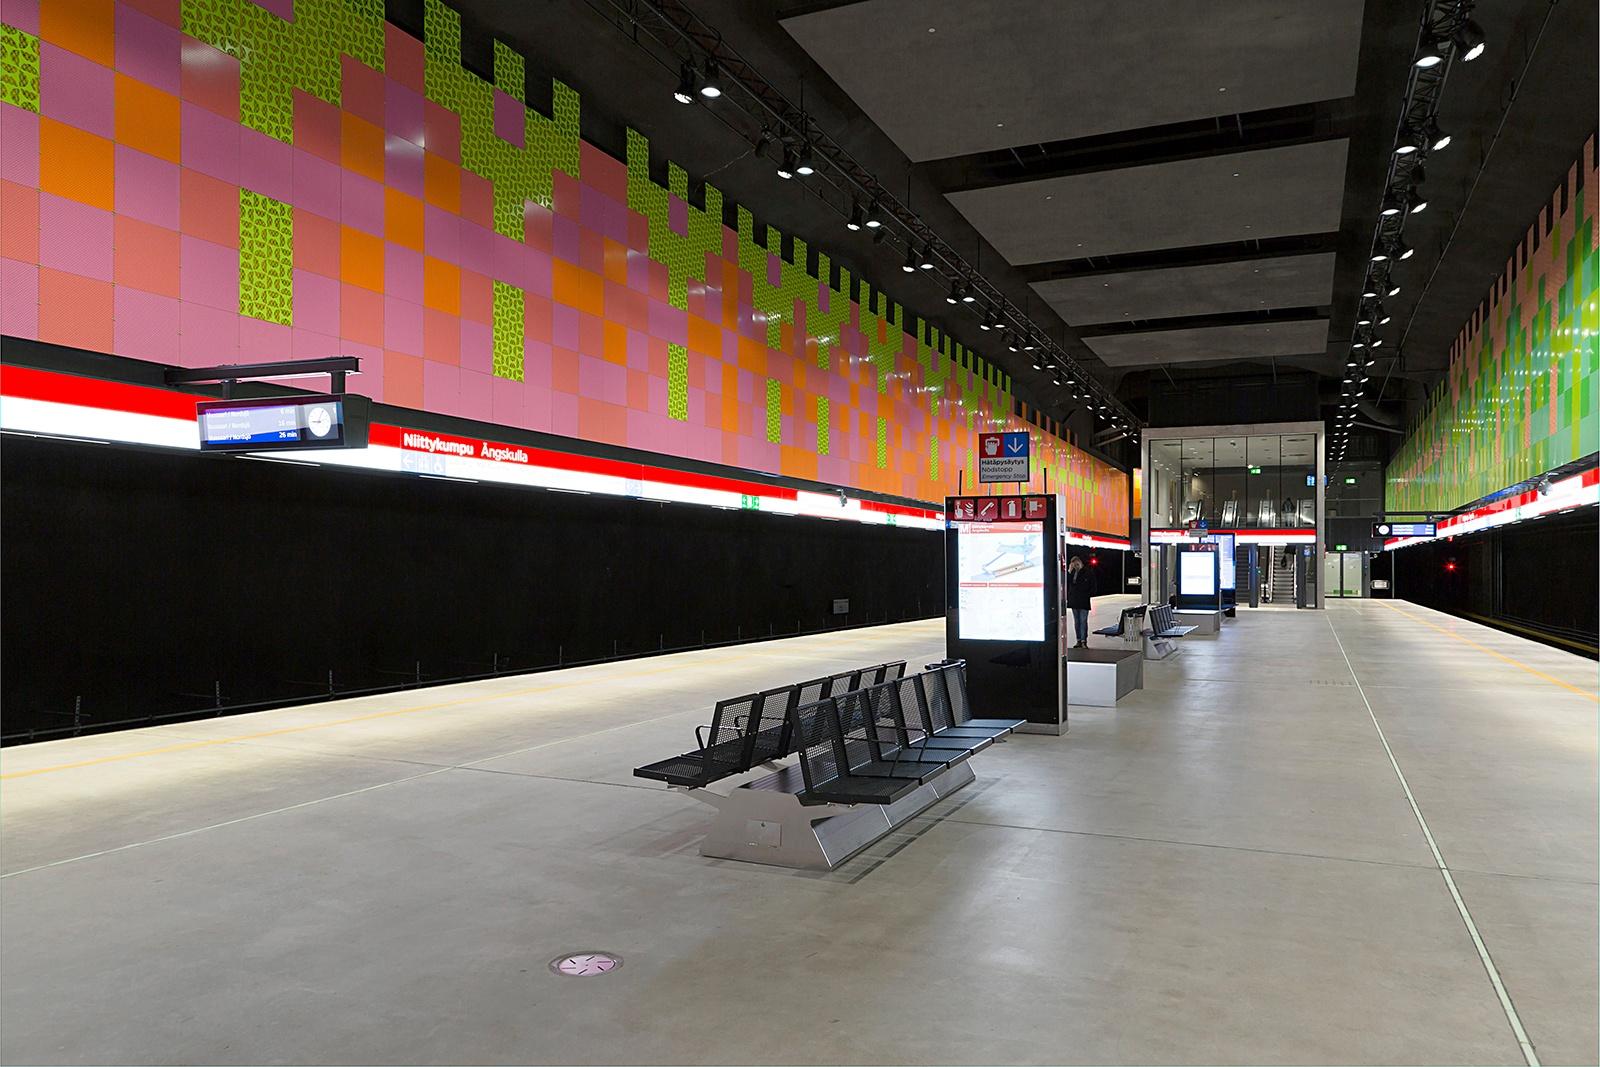 Helsinki+Metro+Station+Niittykumpu+by+Petri+Vuorio_1600